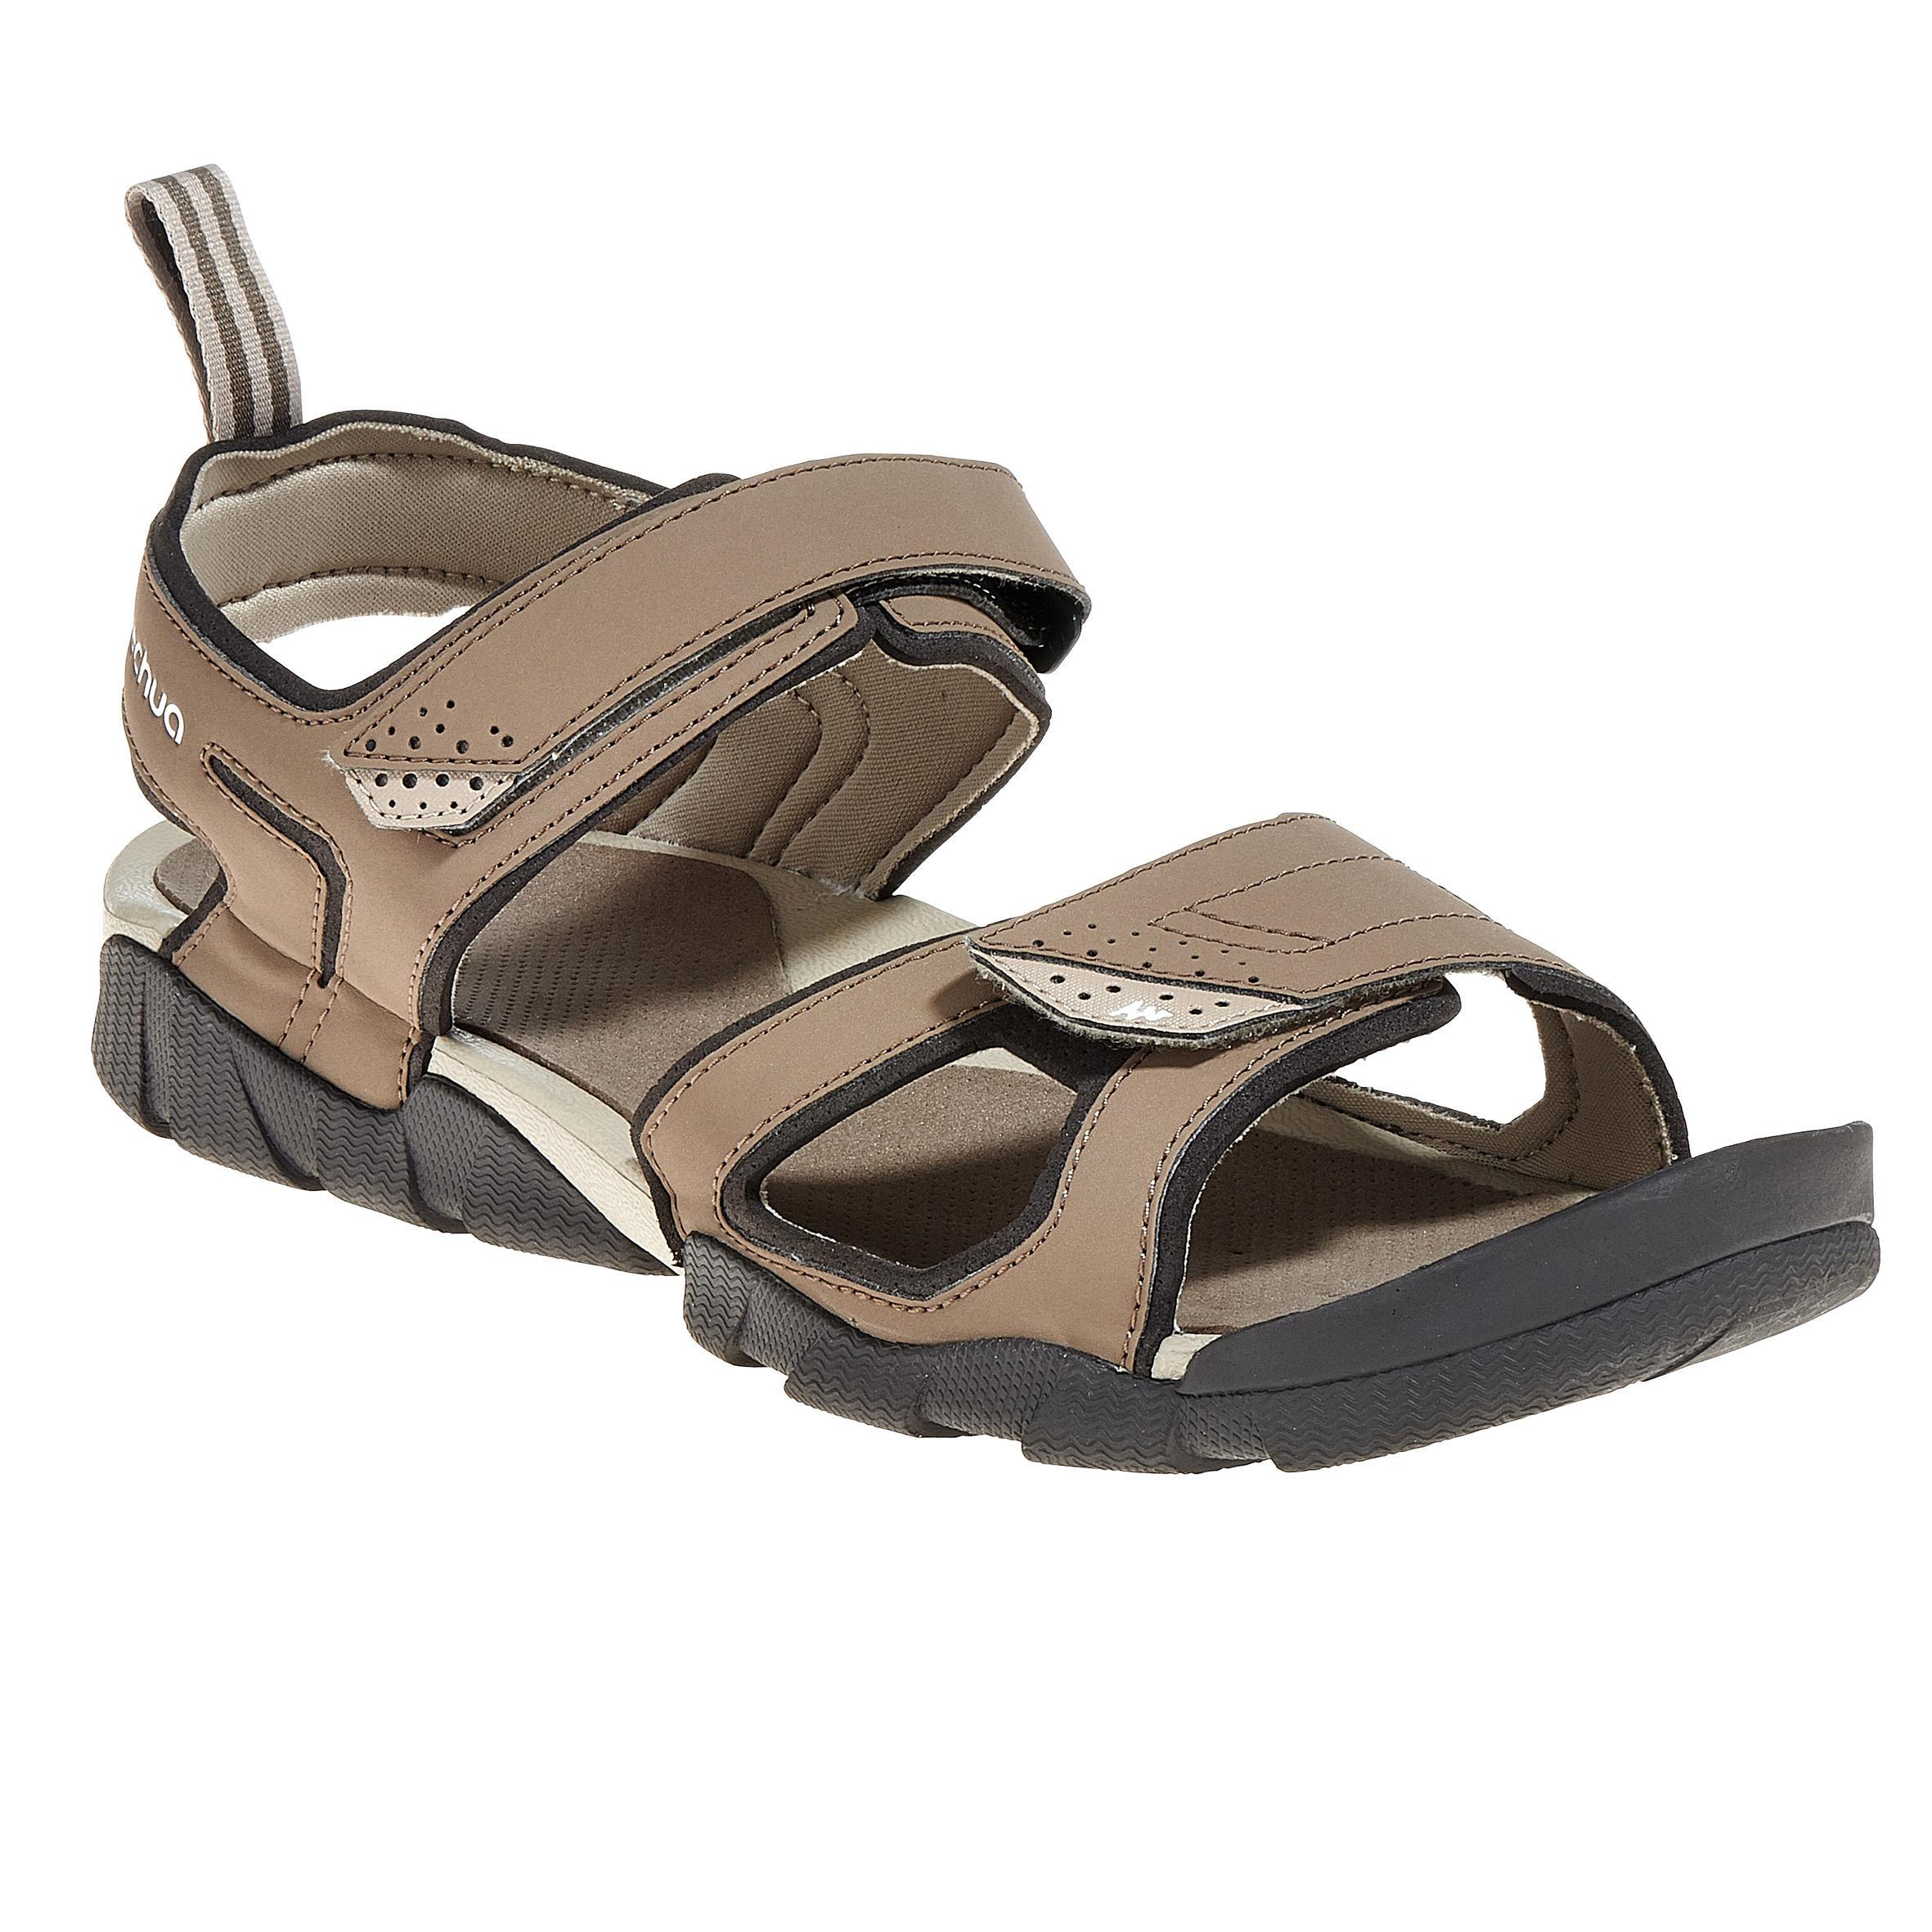 Buy 50 For Men Sandal Hiking OnlineArpenaz Beige IWDHE2Y9